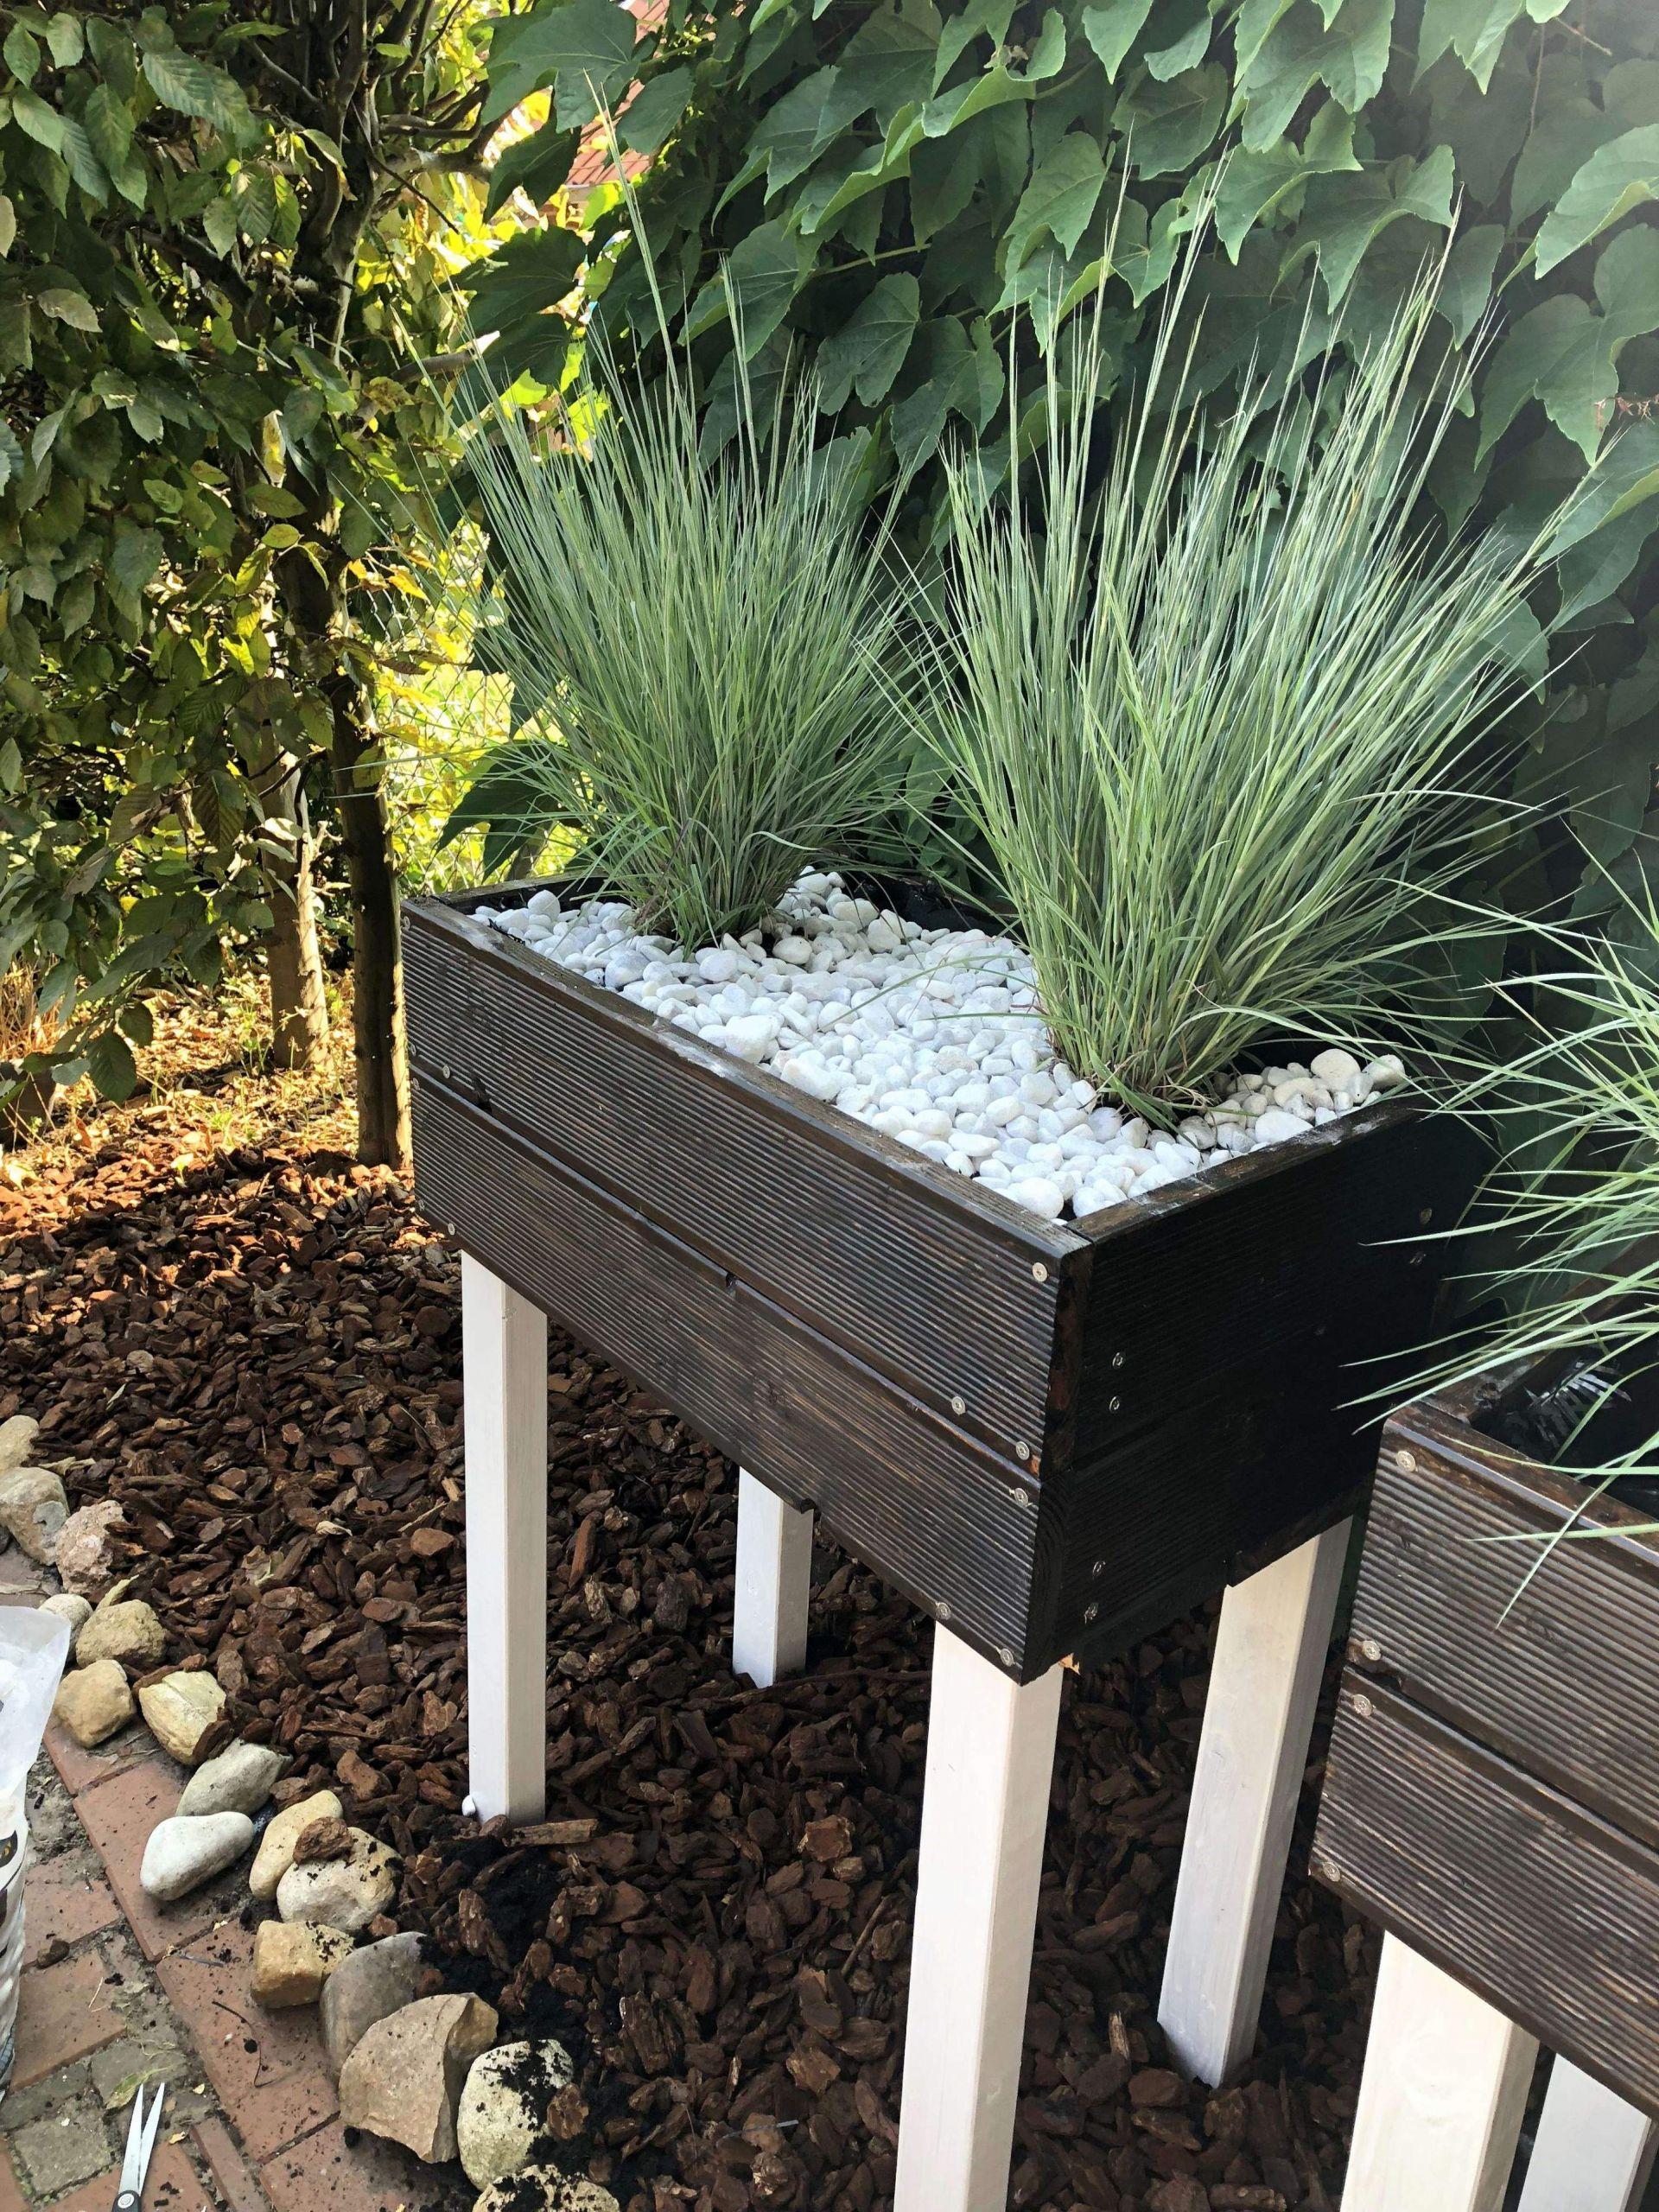 42 kollektion sichtschutz aus pflanzen bild sichtschutz aus pflanzen sichtschutz aus pflanzen